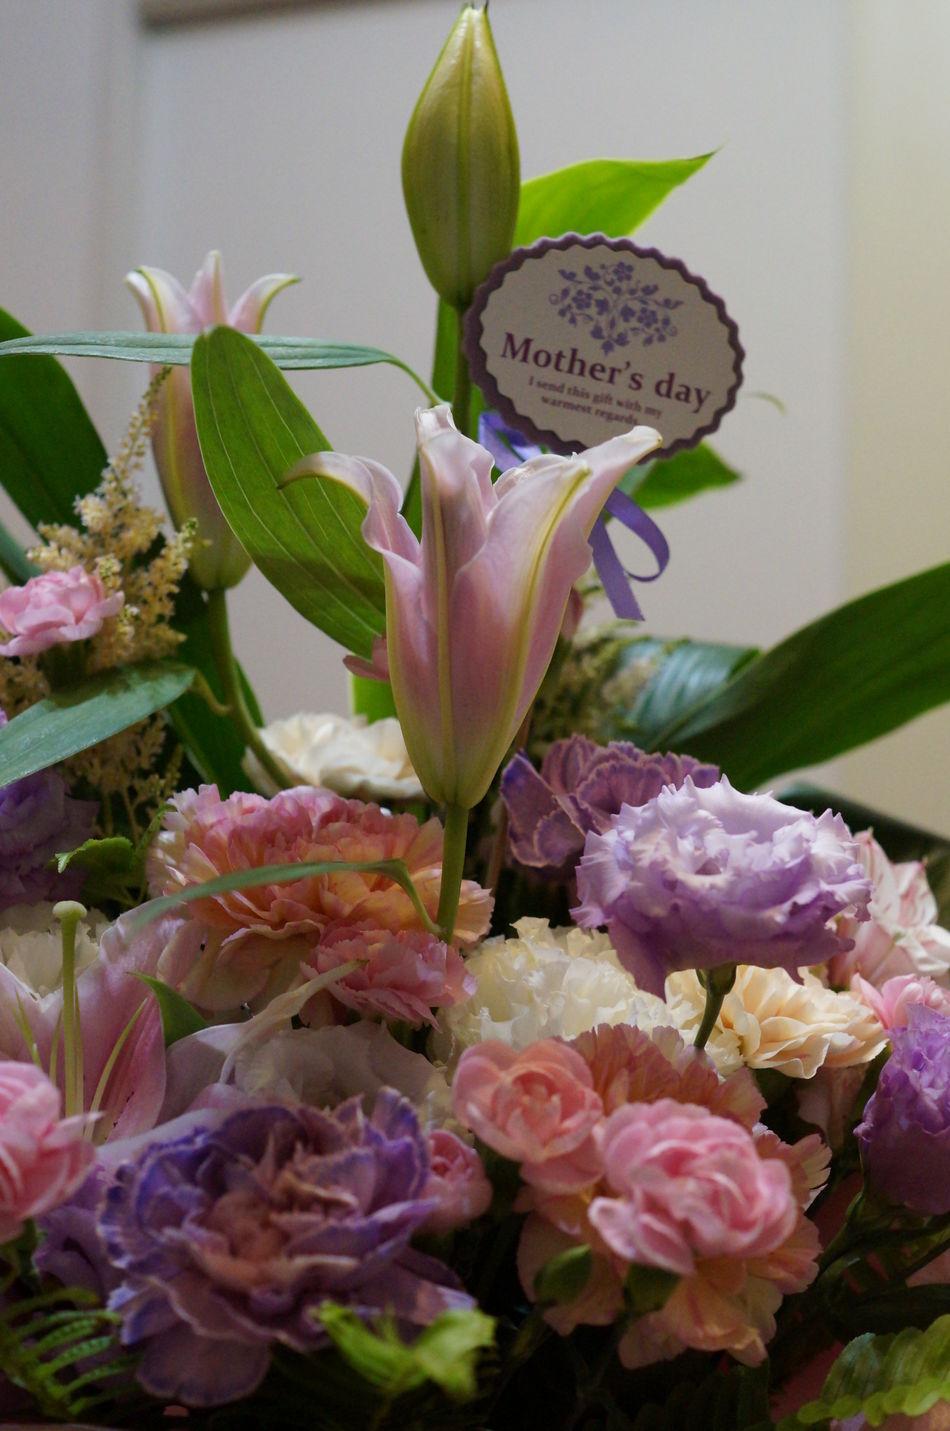 母の日に送った、花束。日光の下で撮影したかったな~。 Flower Arrangement Flowers Mothersday Present プレゼント 母の日 花 花束